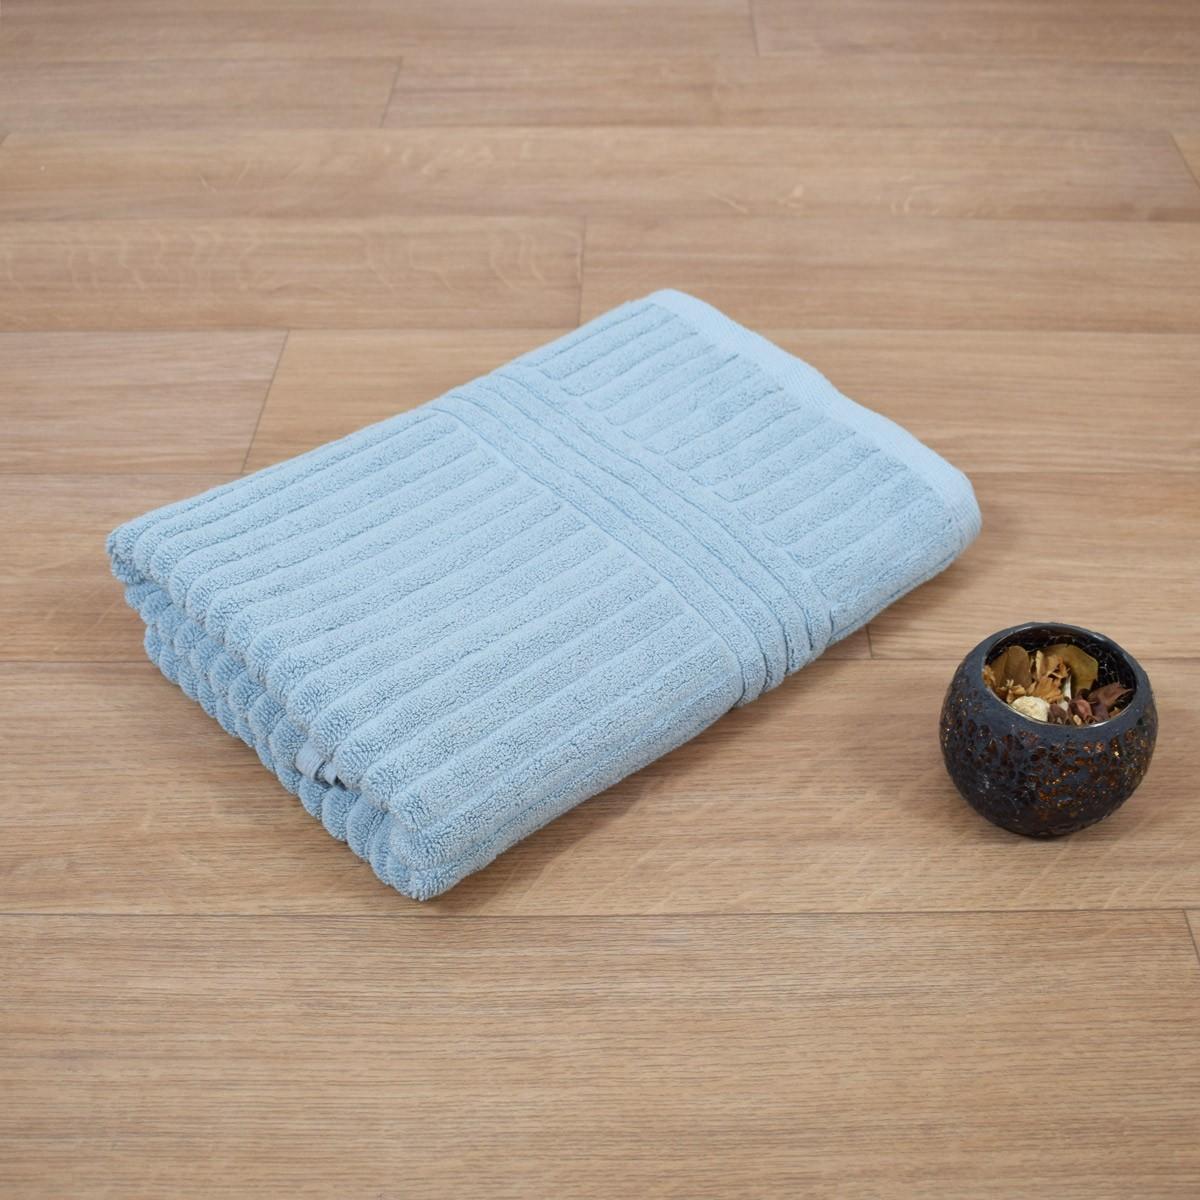 Πετσέτα Προσώπου Γαλάζιο (50x100) Κοτλέ 720gr/m2 home   επαγγελματικός εξοπλισμός   ξενοδοχειακός εξοπλισμός   πετσέτες ξενοδοχεί